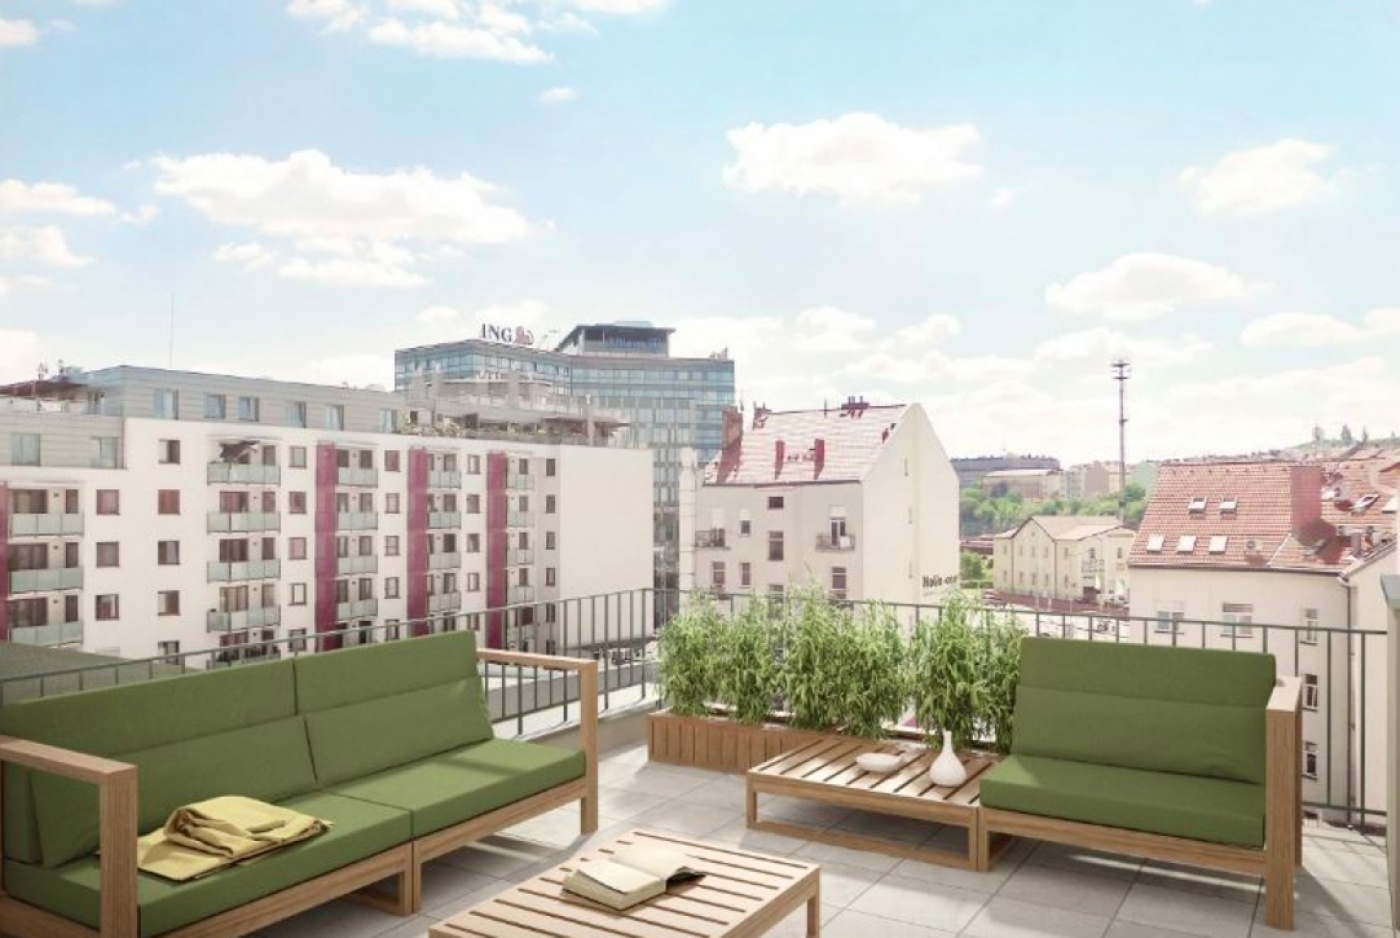 Půdní byt 4+kk, plocha 135 m², ulice Lihovarská, Praha 9 - Libeň | 3